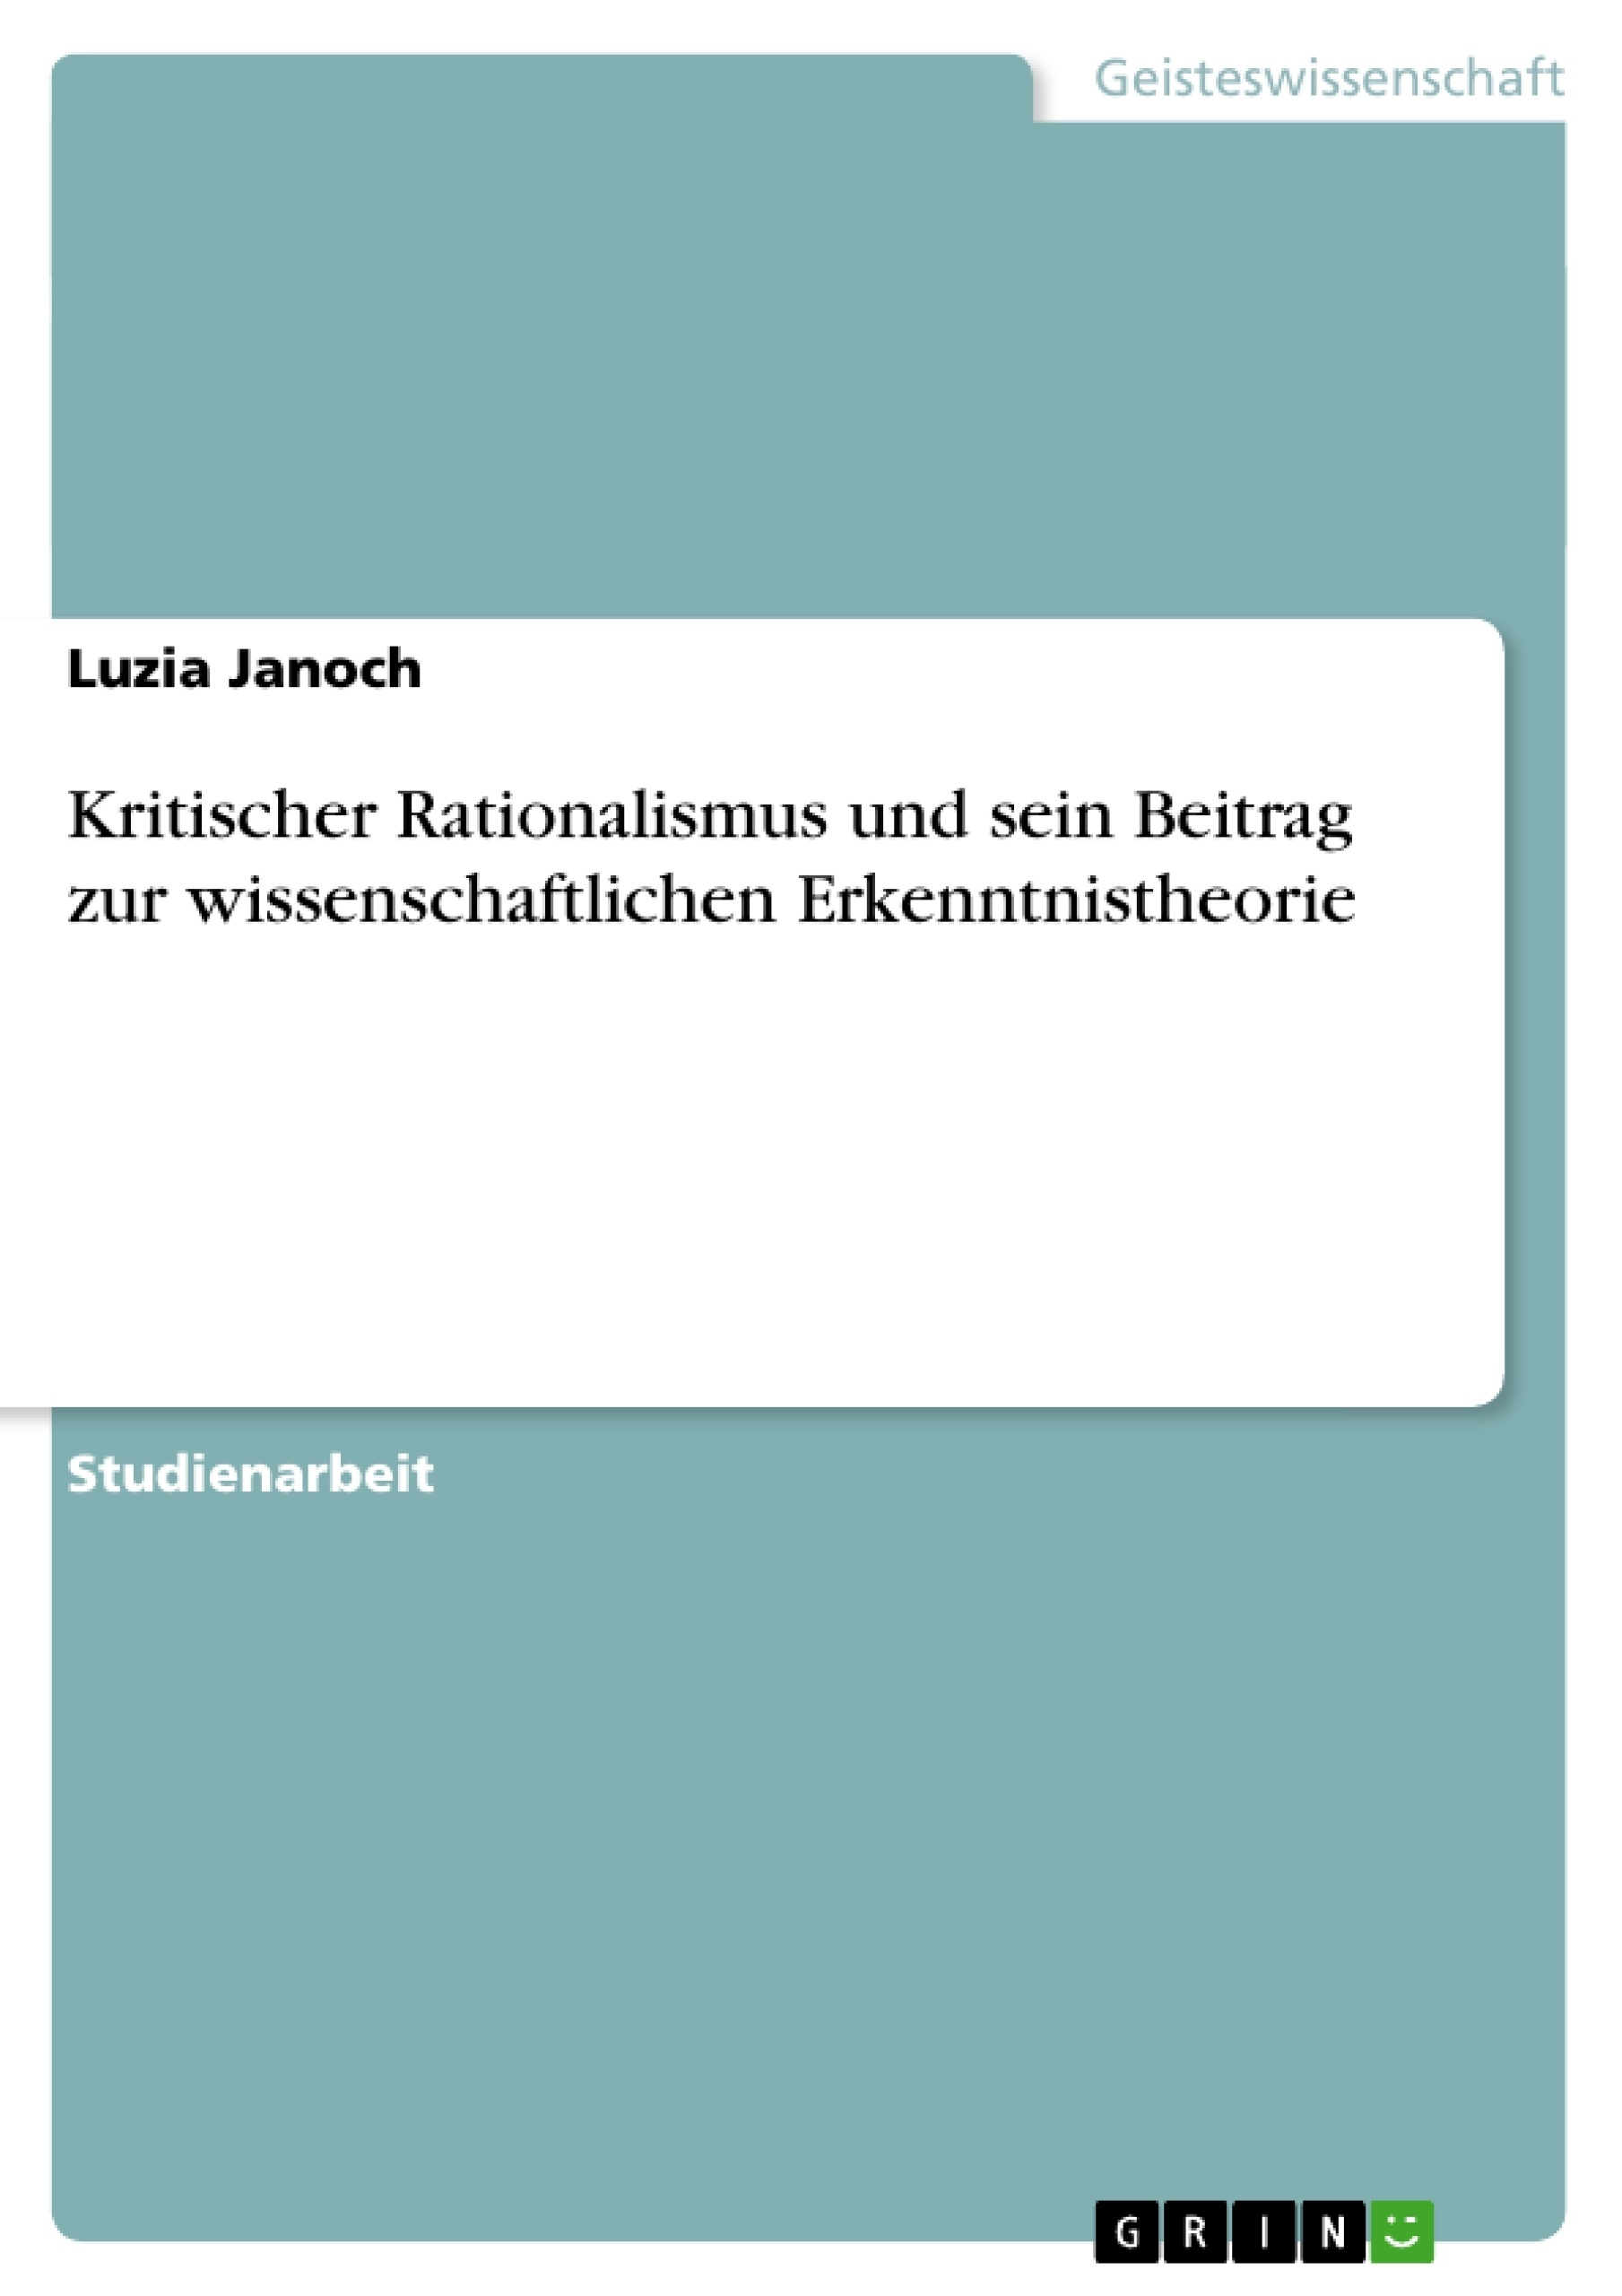 Titel: Kritischer Rationalismus und sein Beitrag zur wissenschaftlichen Erkenntnistheorie